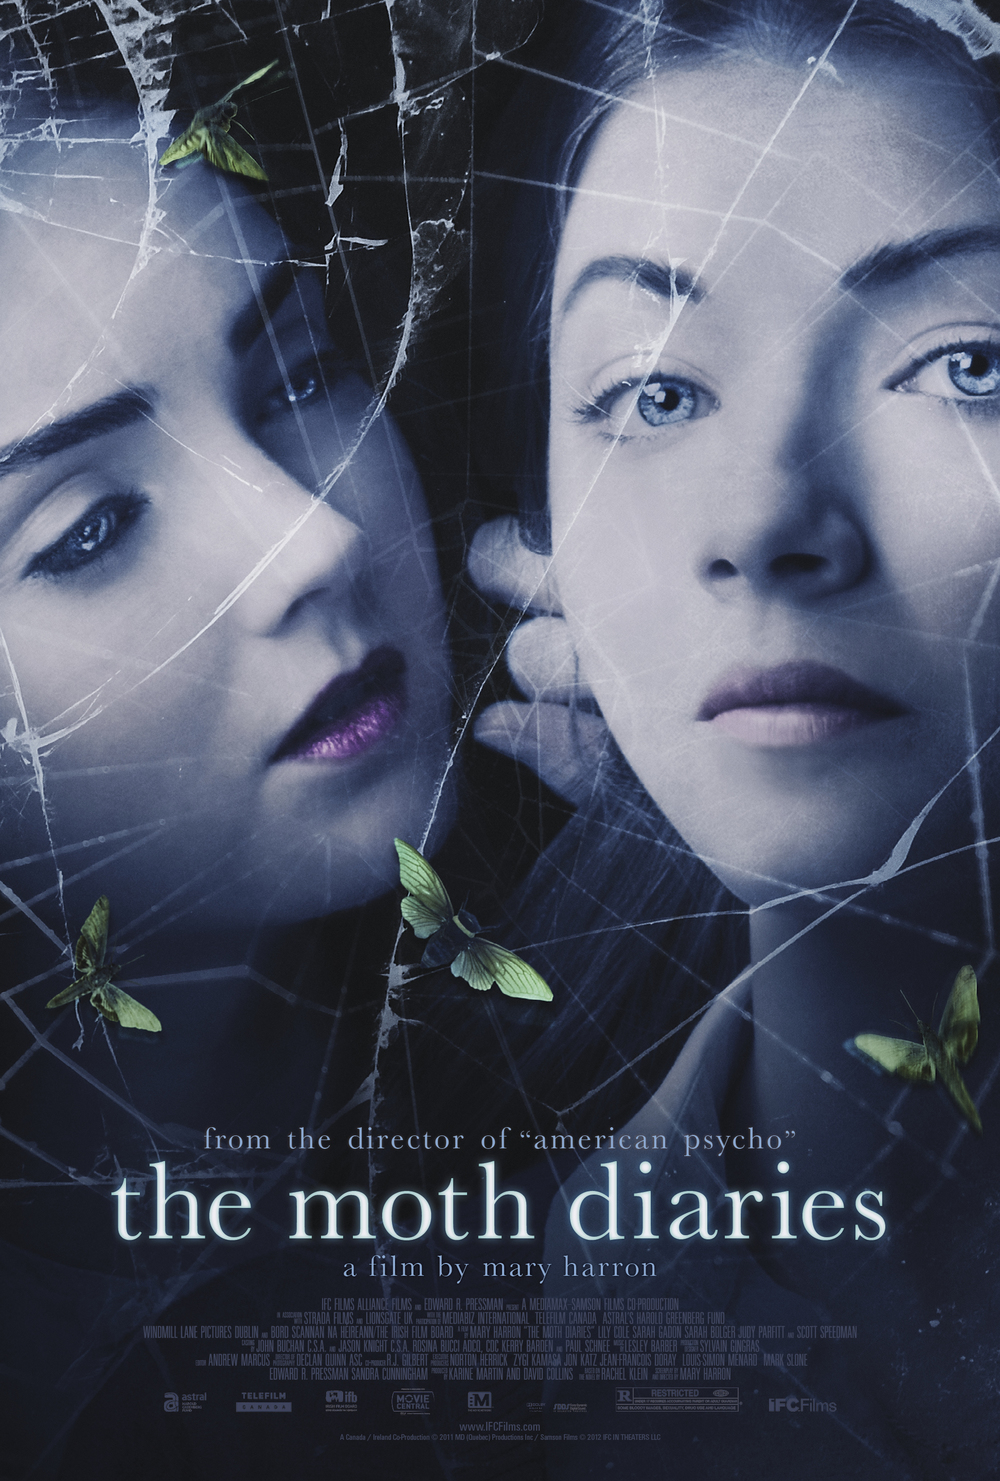 Moth Diaries